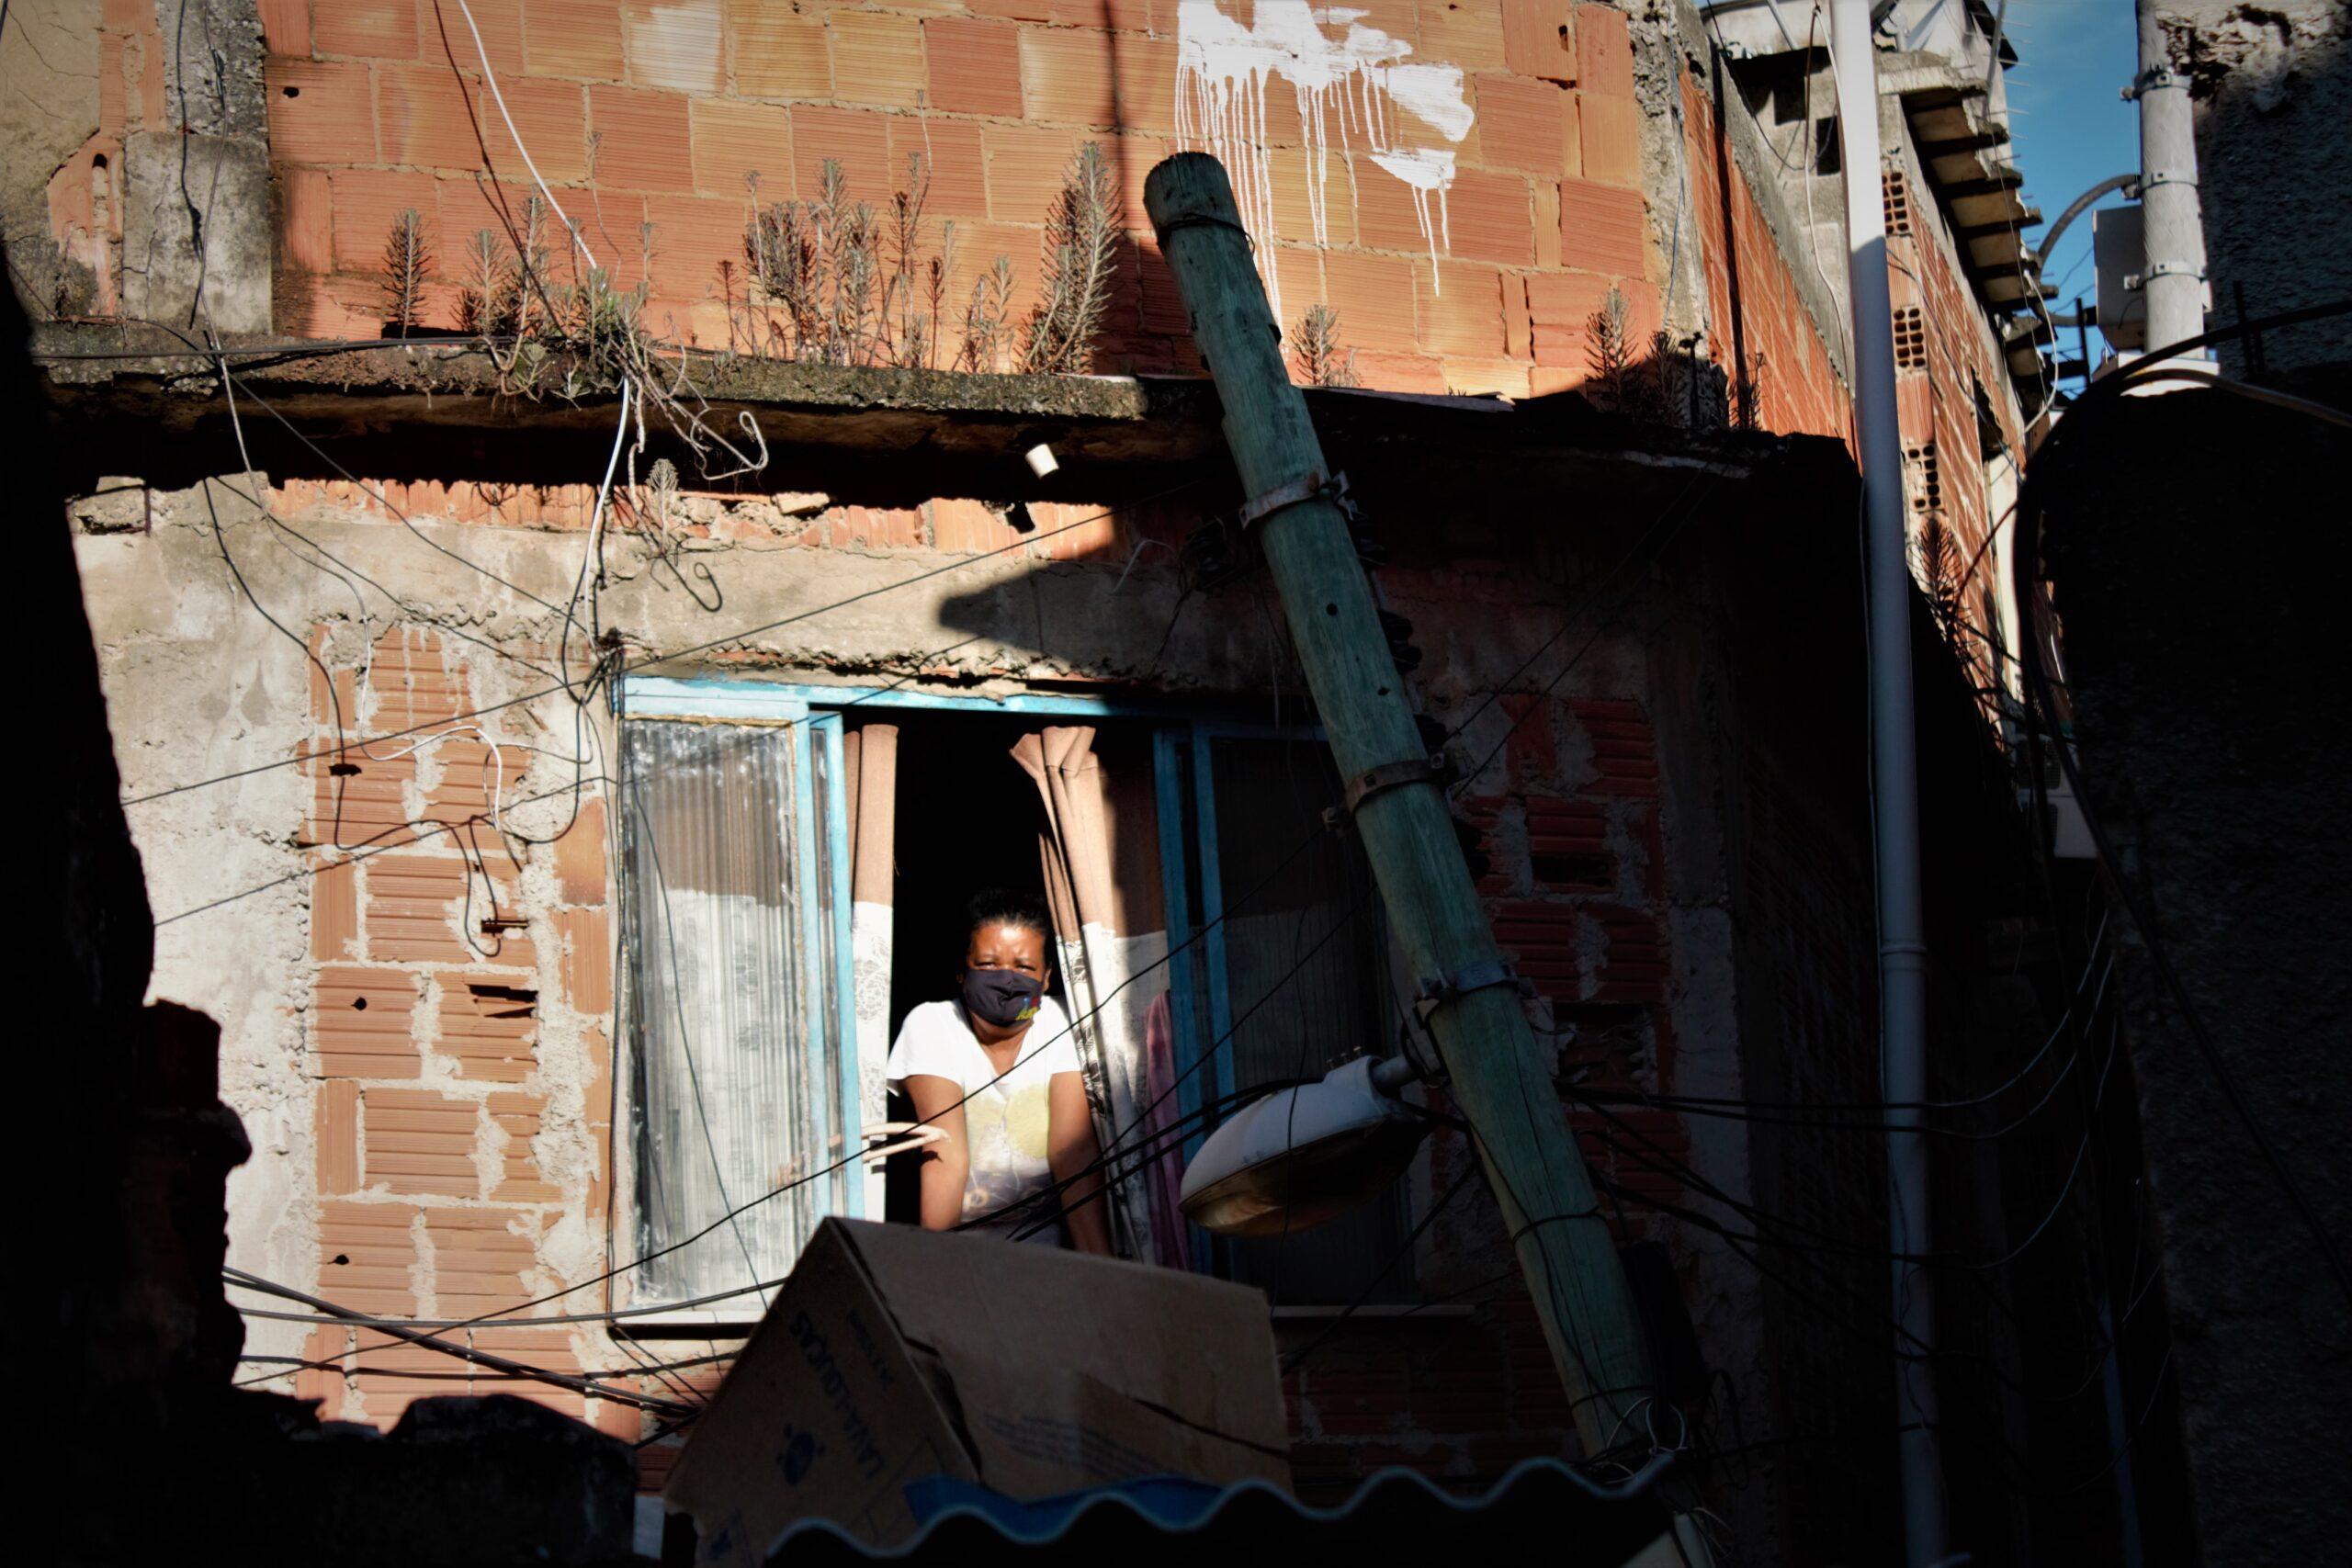 Poste de luz cai no Capão, fica escorado em janela e pode causar acidente a qualquer momento